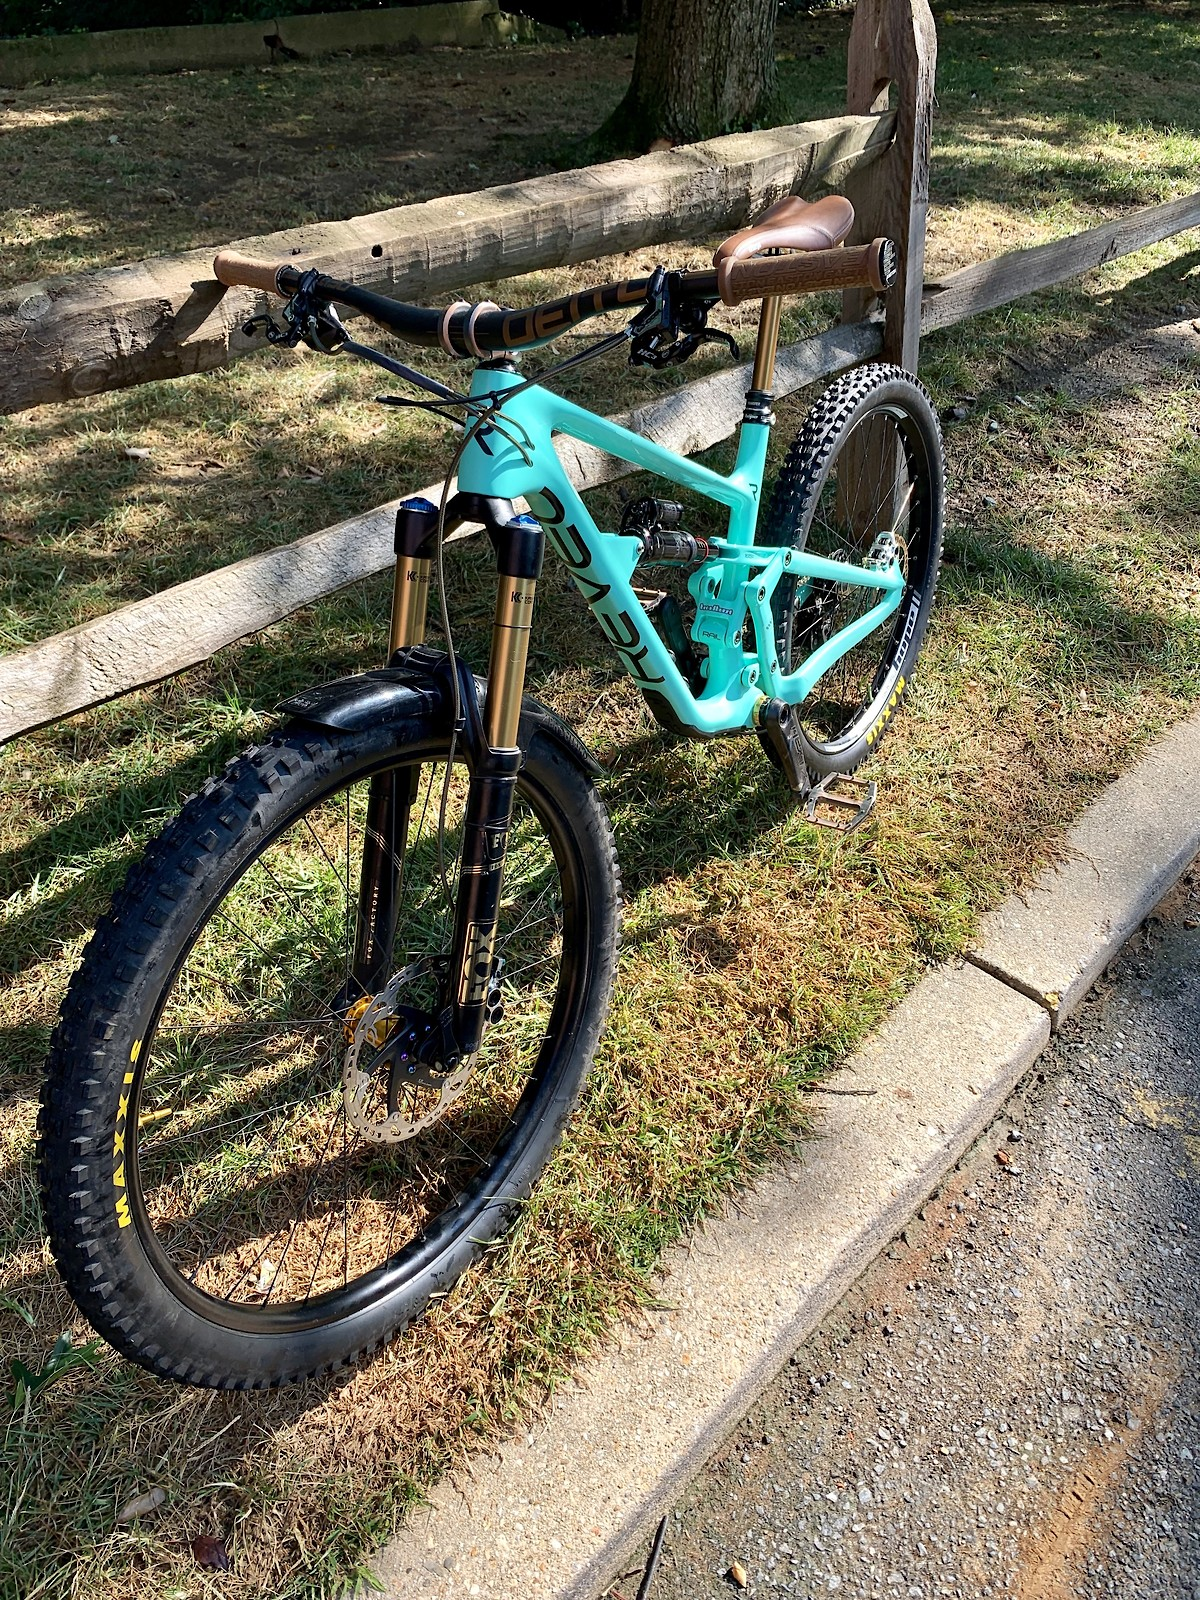 C25056D2-6340-4590-BD0E-77DA0943D2E3 - SbMtb - Mountain Biking Pictures - Vital MTB